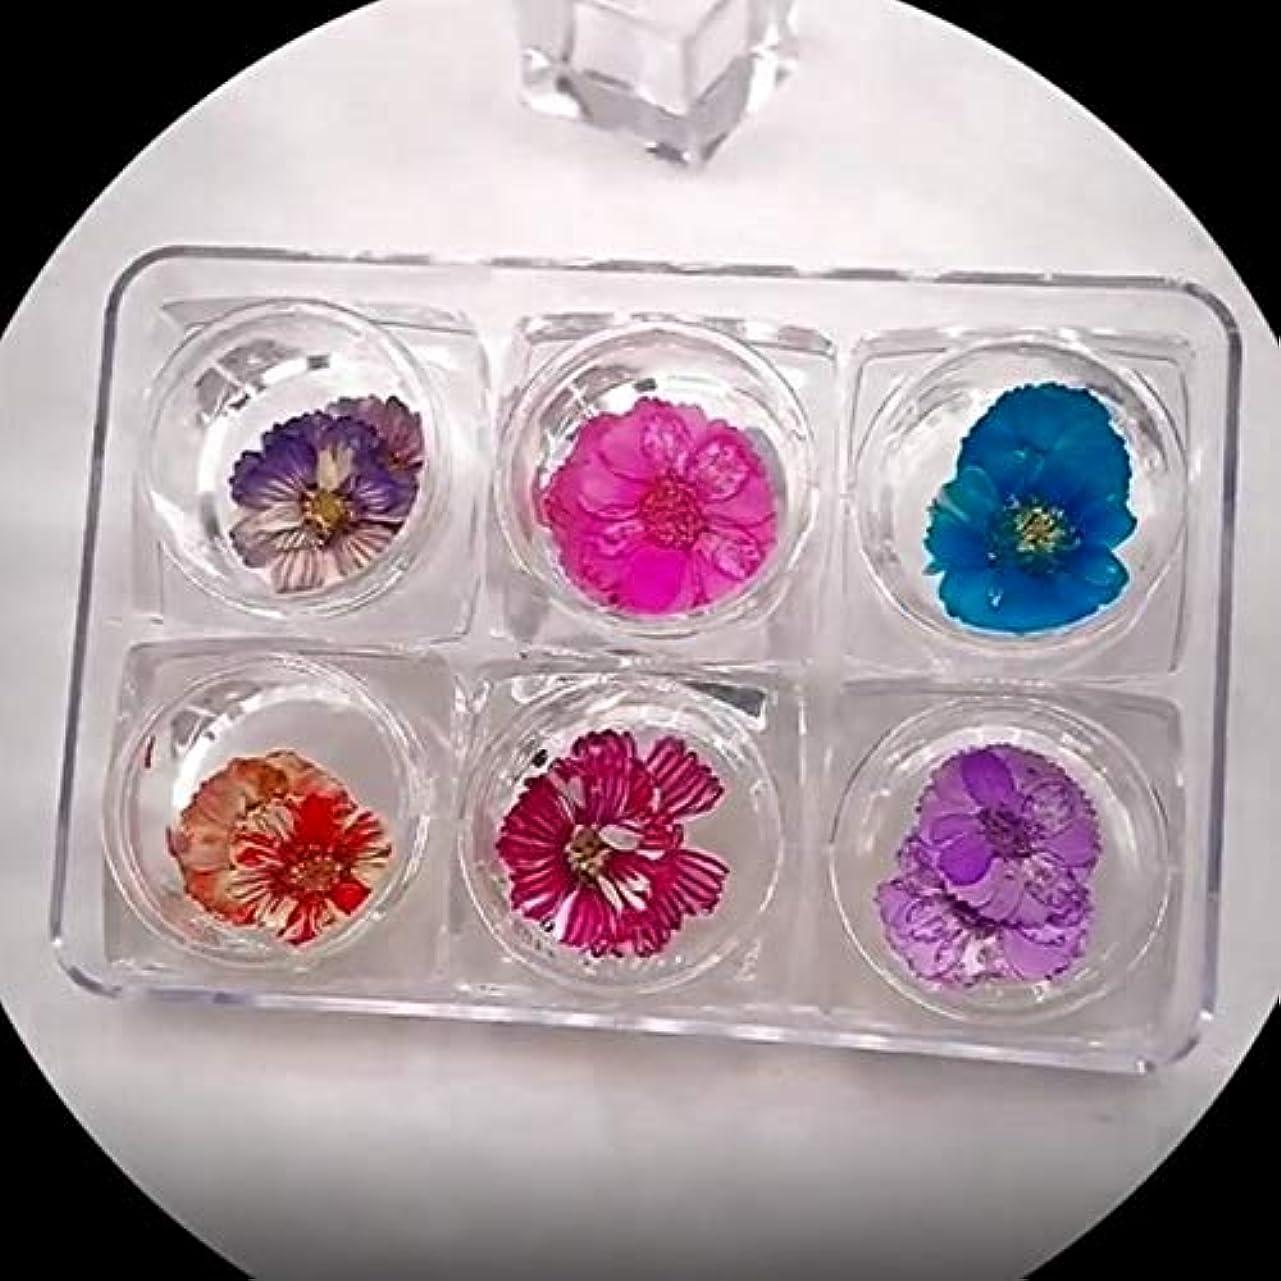 永遠のマトロンこねるWadachikis 実用的な新しい6色ネイルアートアップリケジュエリーセット日本のドライフラワー花びら永遠の花の結晶装飾(None Picture Color)